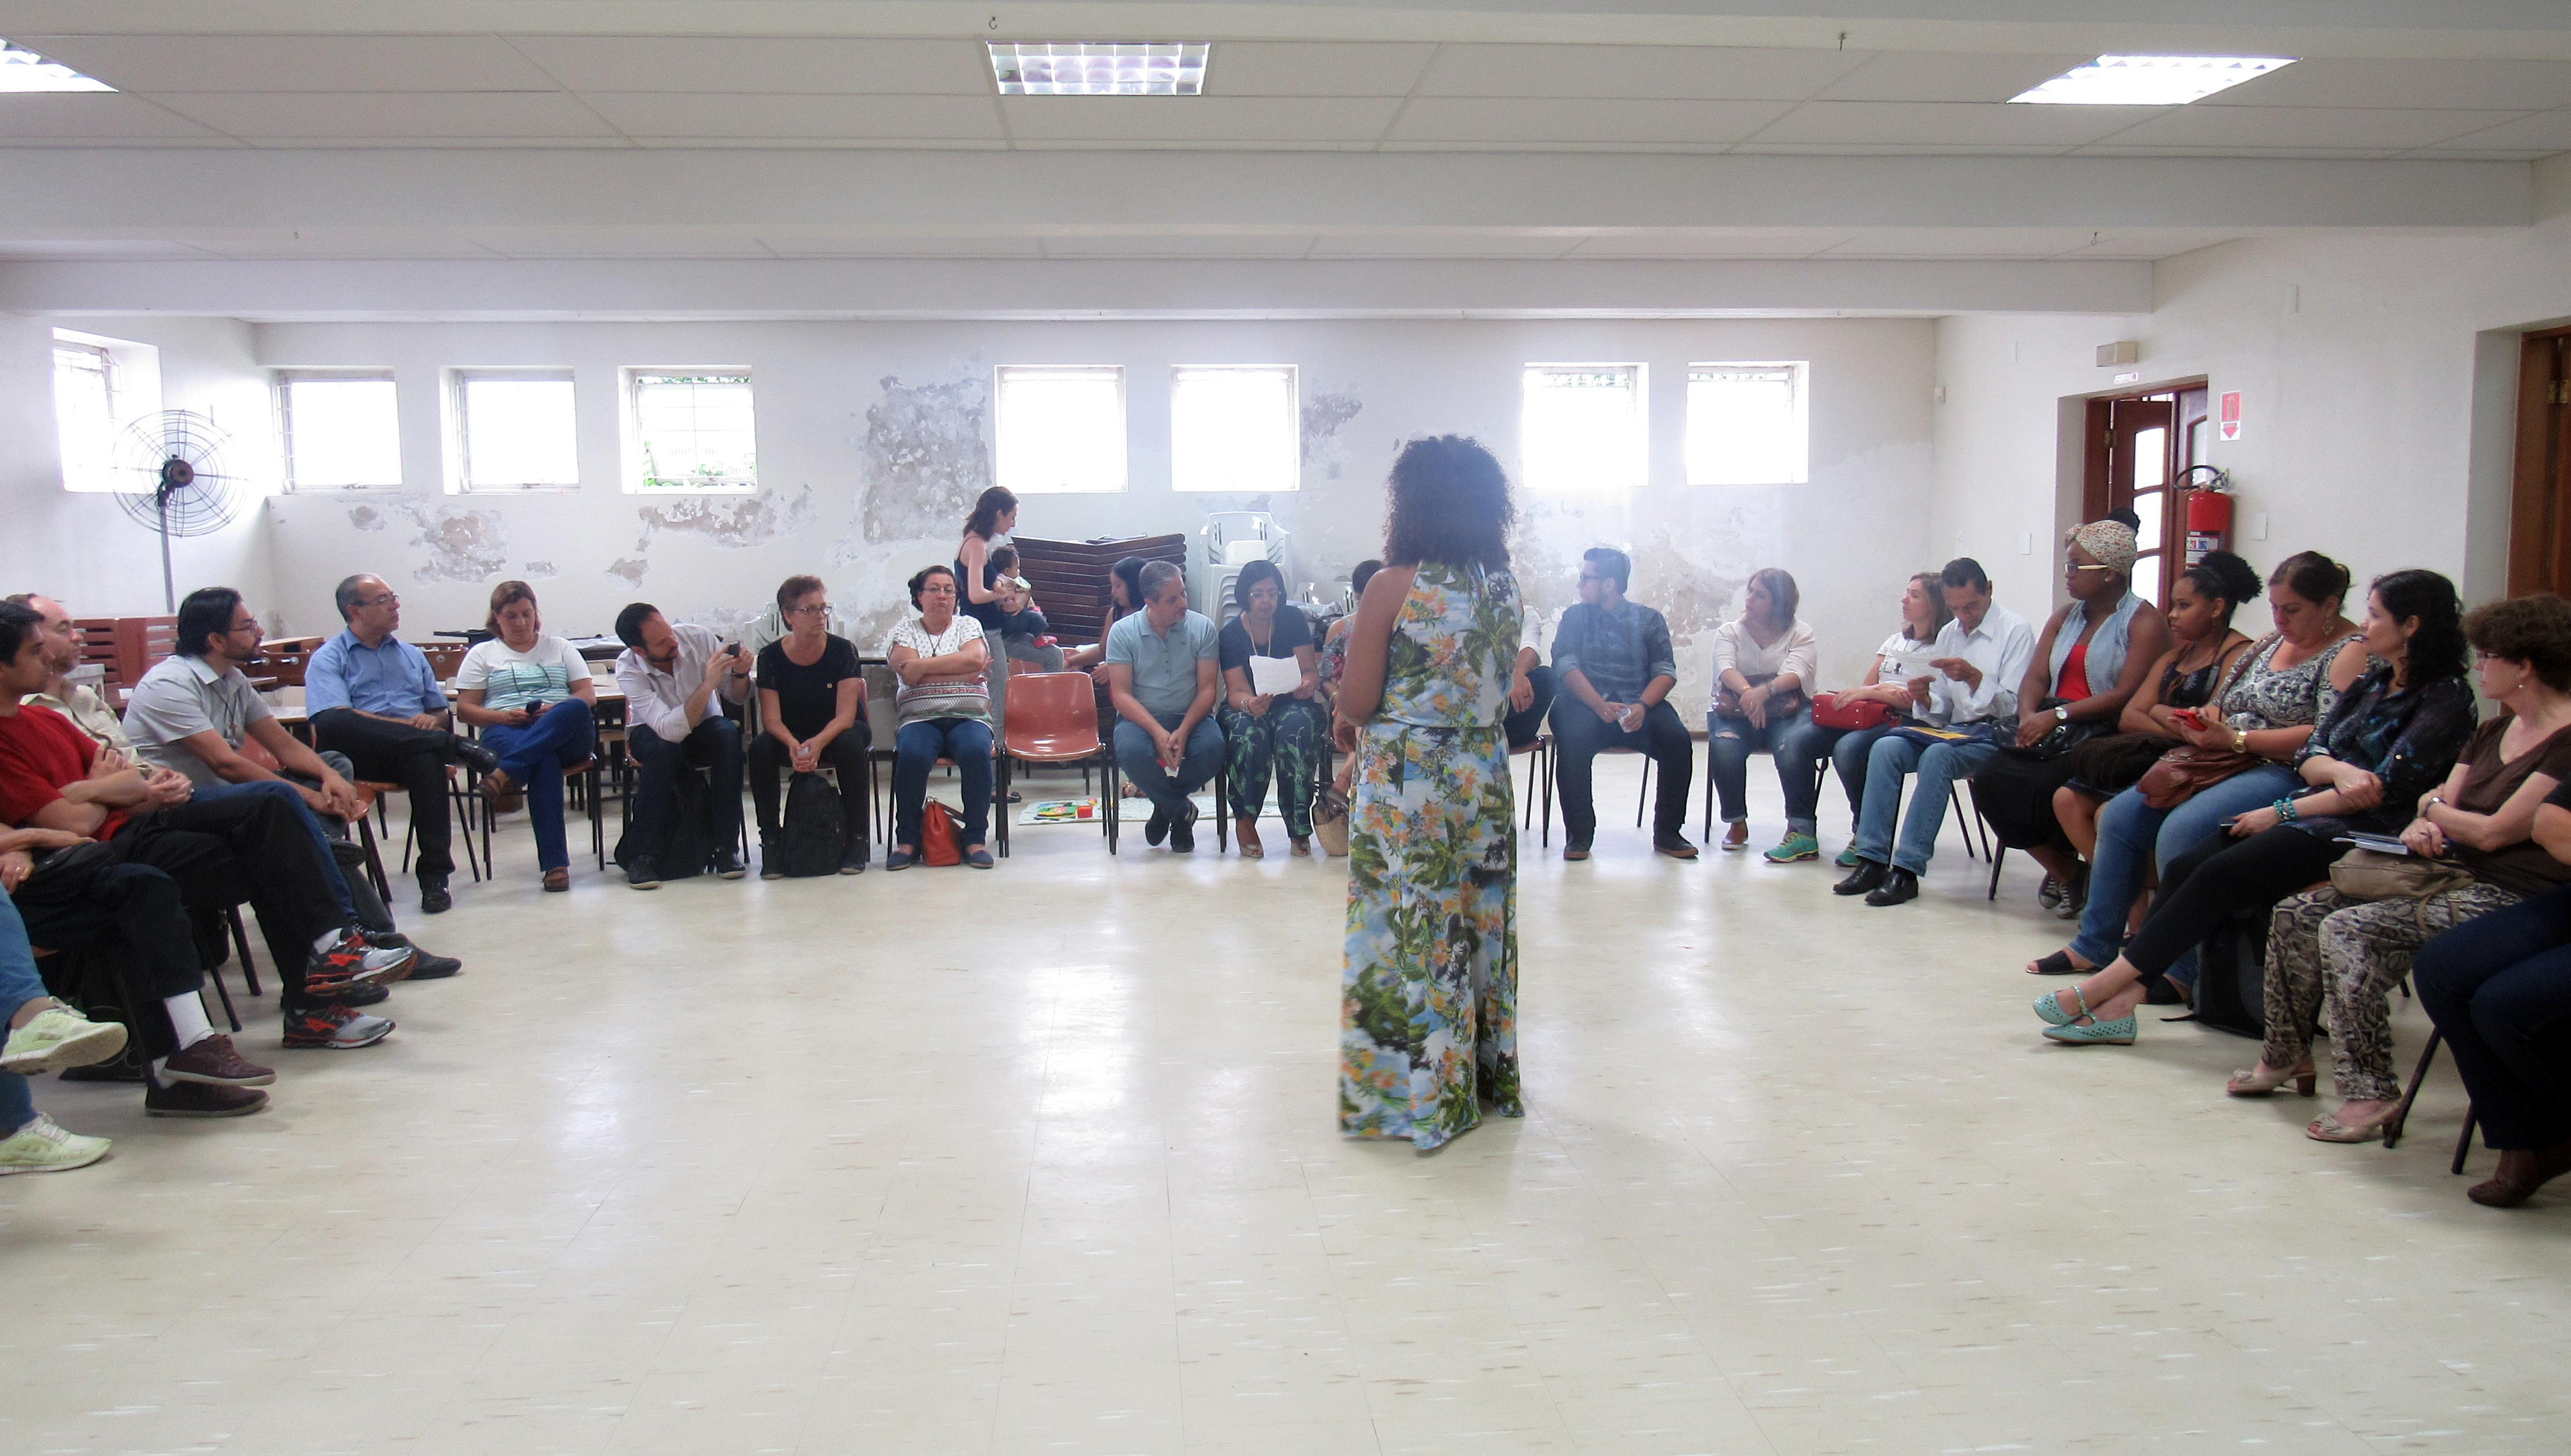 Primeiro espaço de diálogo promovido pela Rede Religiosa de Proteção à Mulher Vítima de Violência propõe reflexões sobre ações exitosas no trabalho de enfrentamento à violência contra mulher.